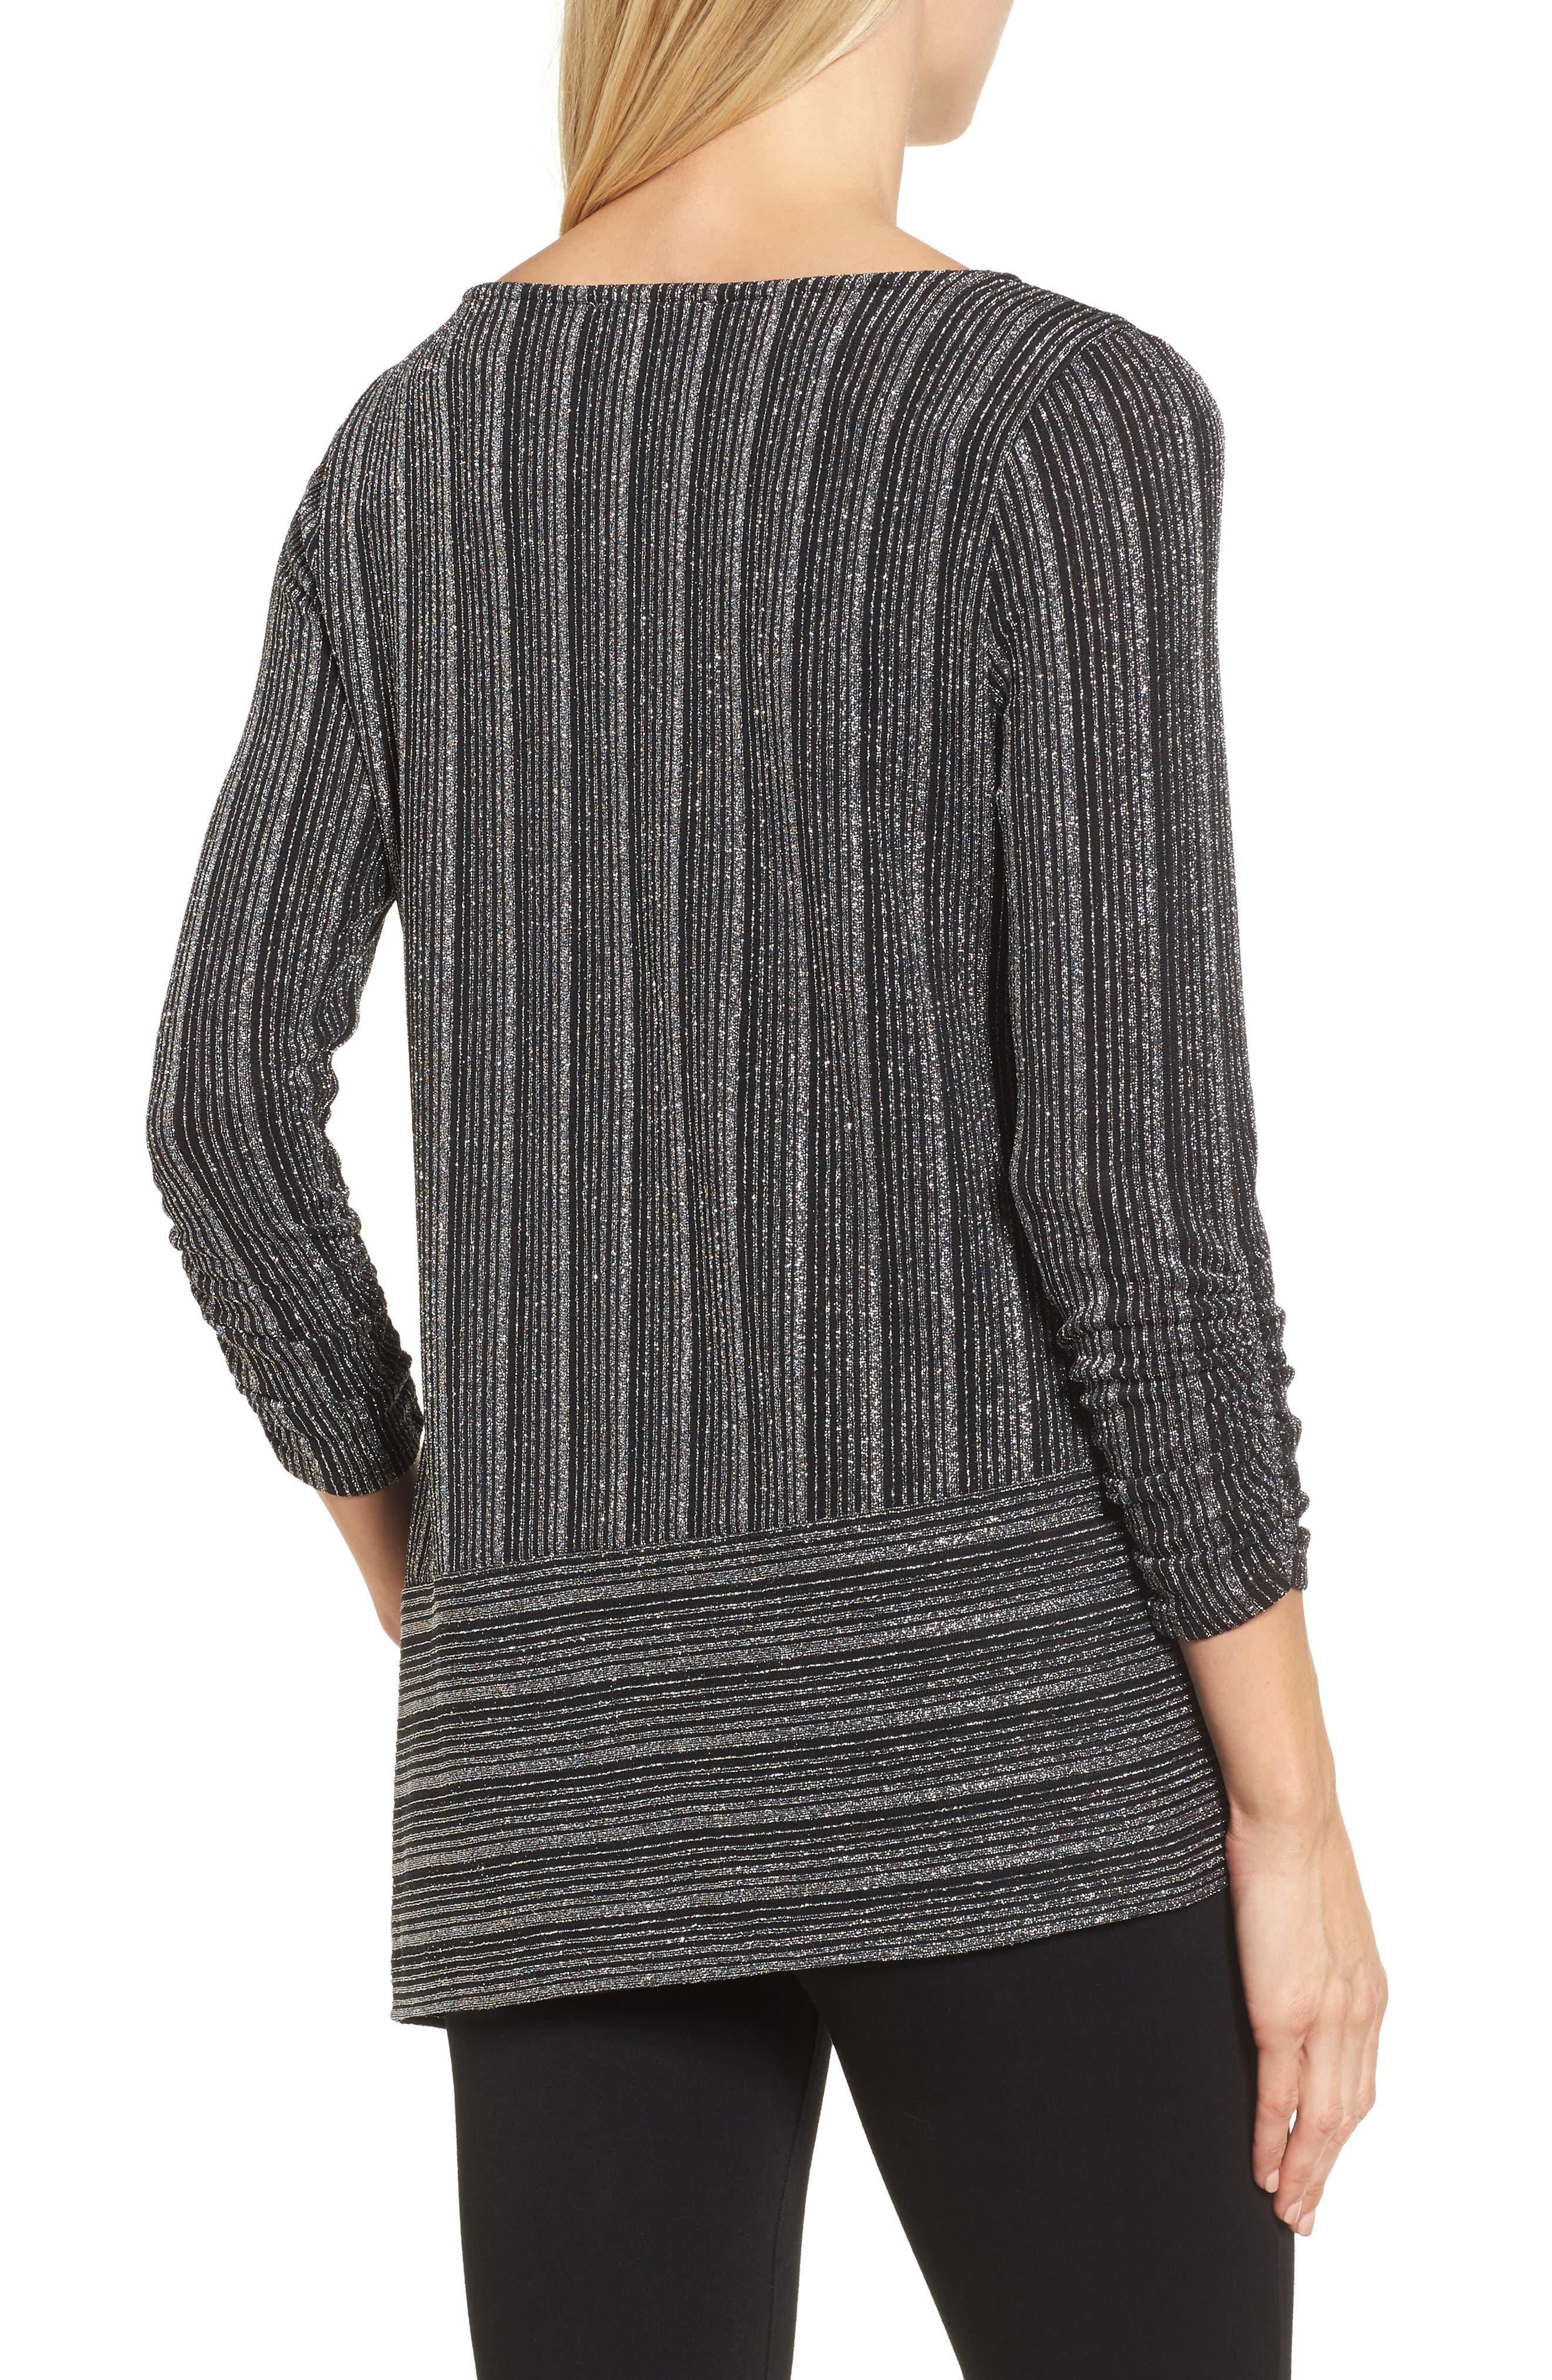 Metallic Stripe Asymmetrical Top,                             Alternate thumbnail 2, color,                             Rich Black